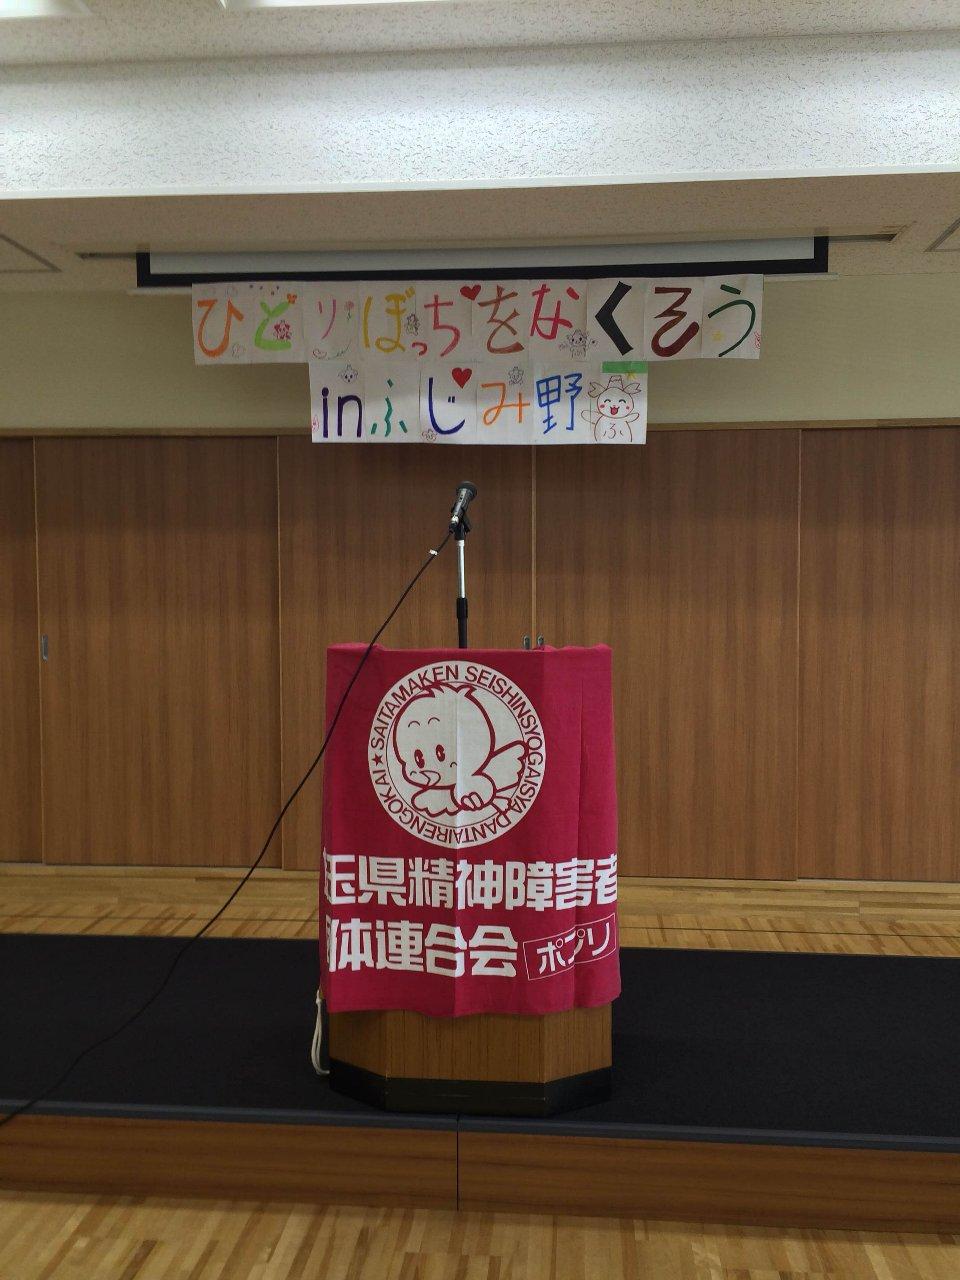 2014/10/10 ひとりぼっちをなくそう in ふじみ野